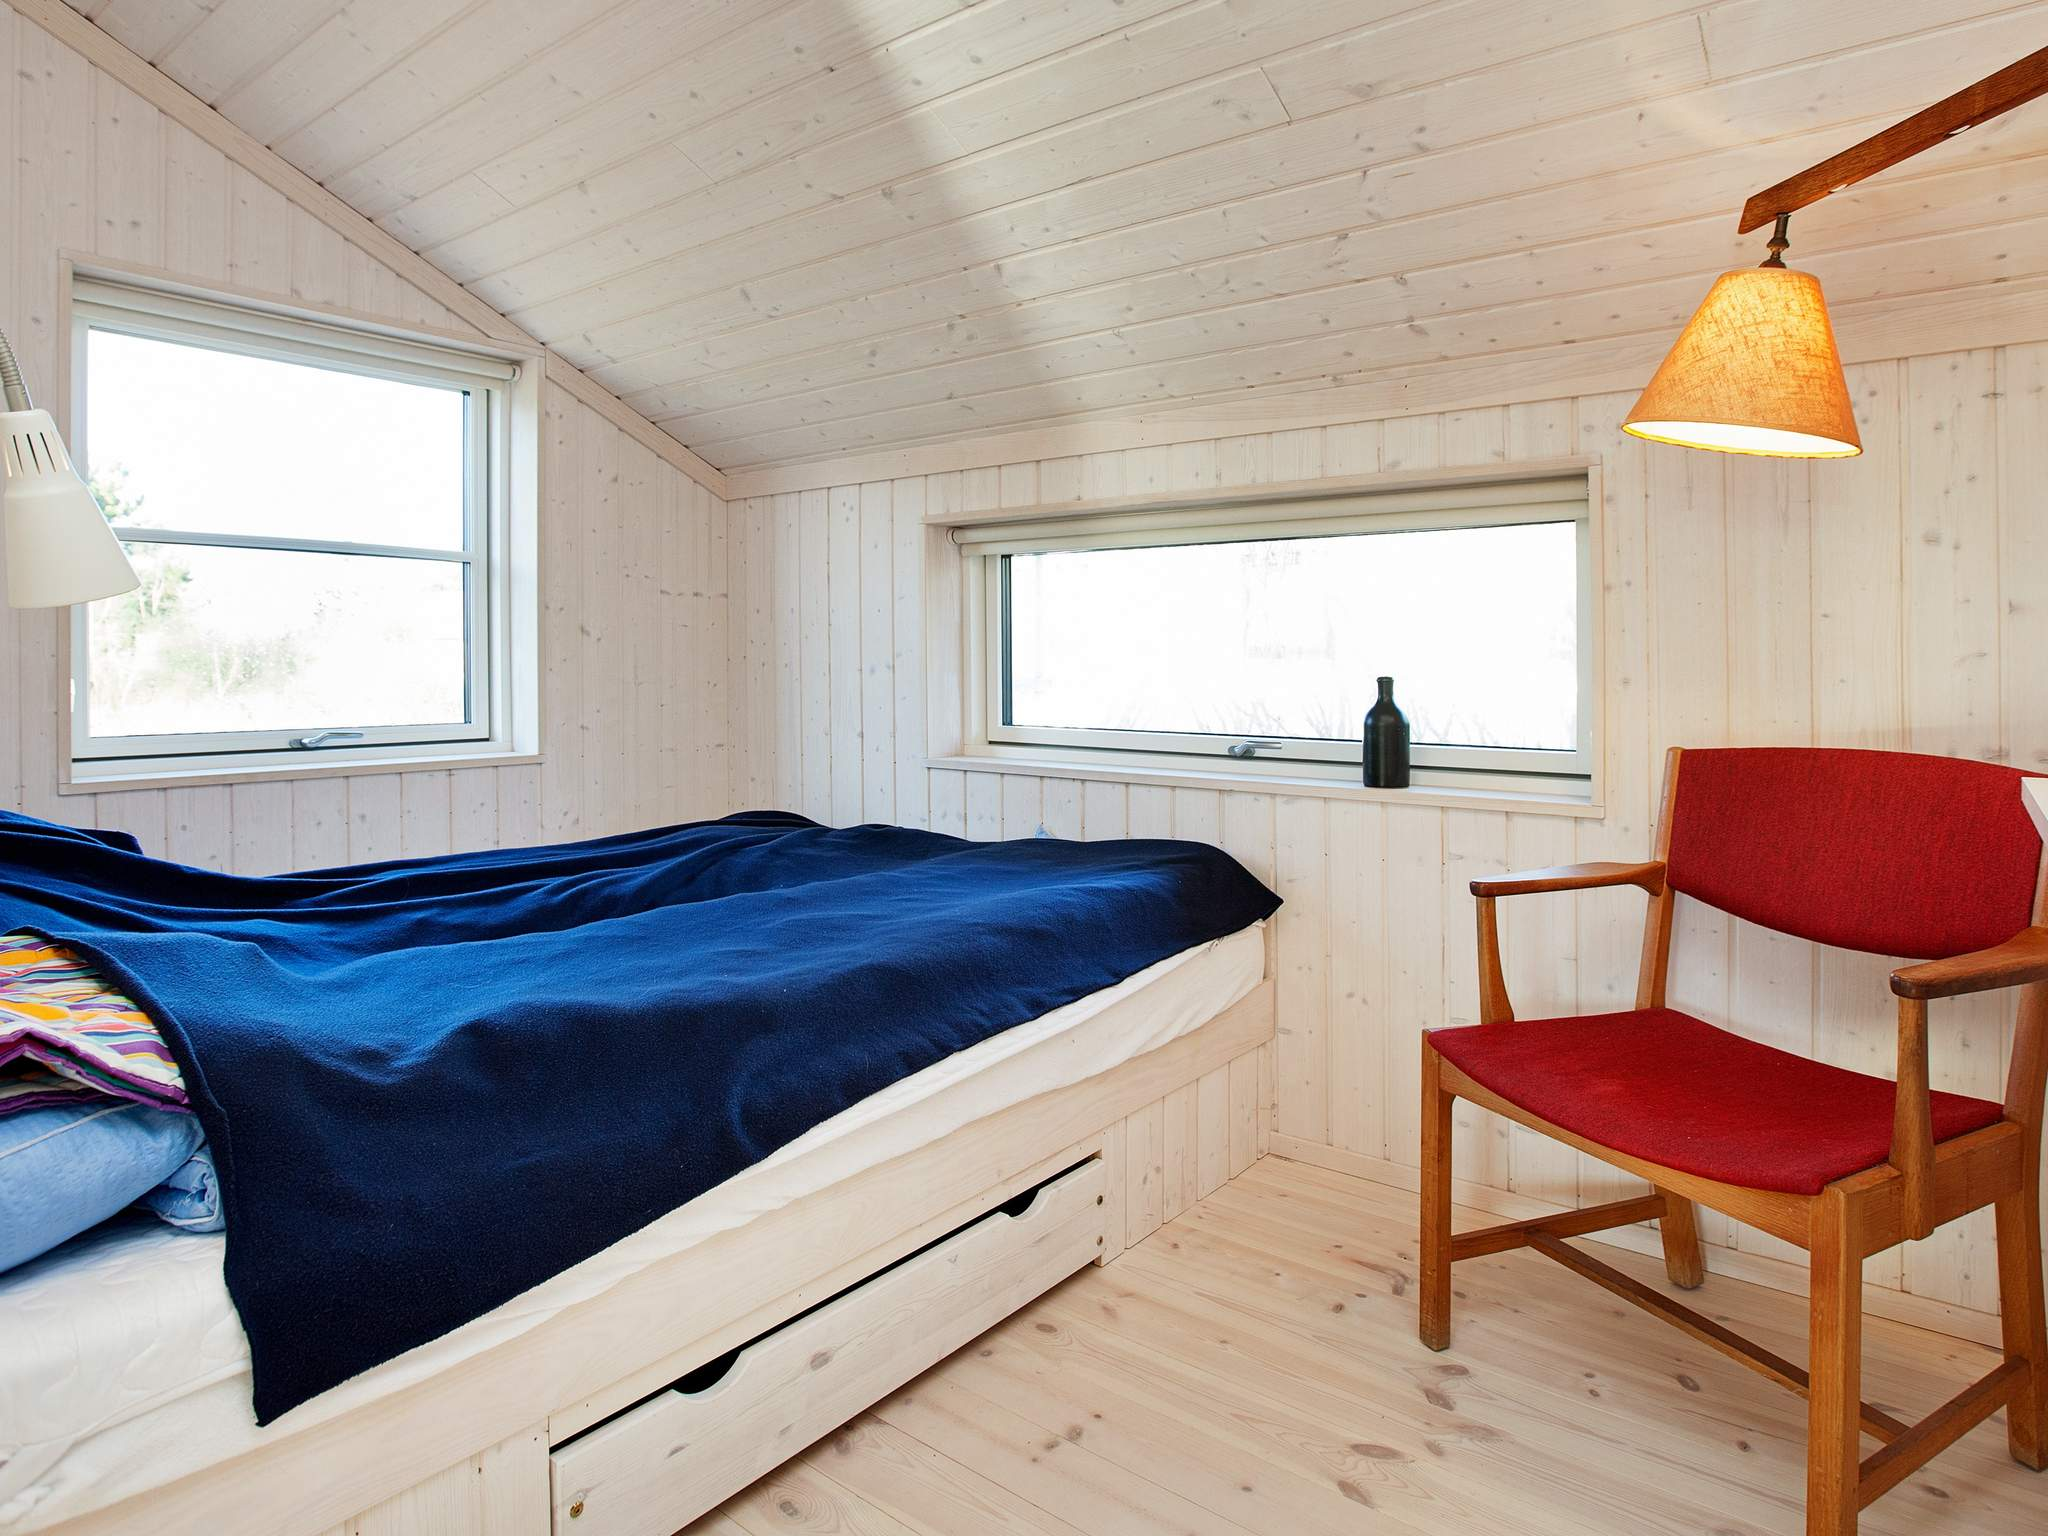 Ferienhaus Stillinge Strand (2061200), Slagelse, , Westseeland, Dänemark, Bild 6